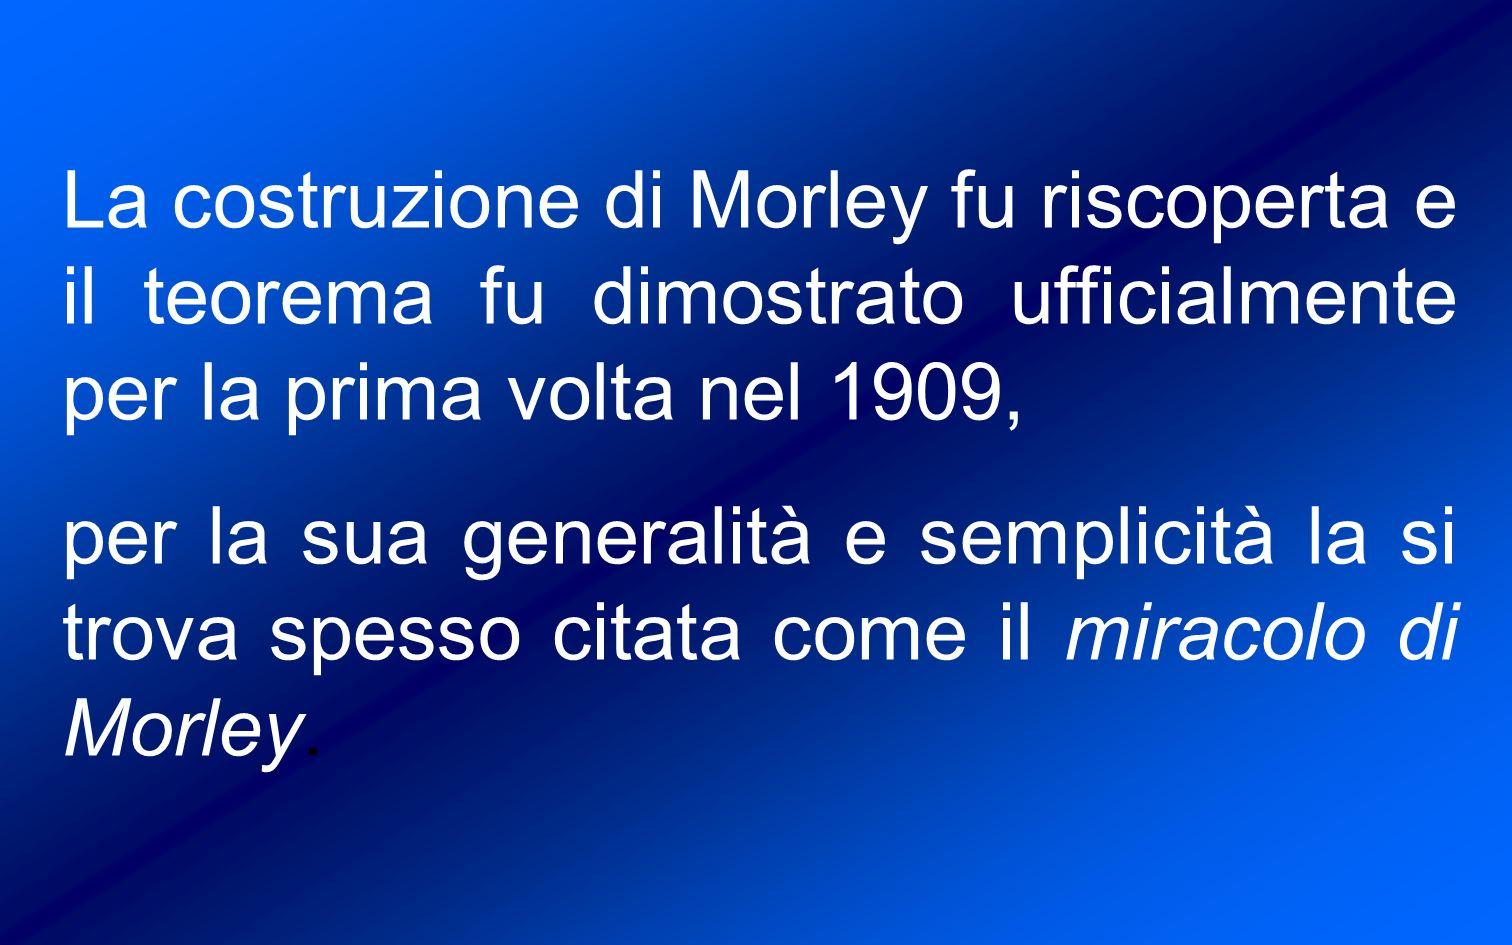 La costruzione di Morley fu riscoperta e il teorema fu dimostrato ufficialmente per la prima volta nel 1909, per la sua generalità e semplicità la si trova spesso citata come il miracolo di Morley.